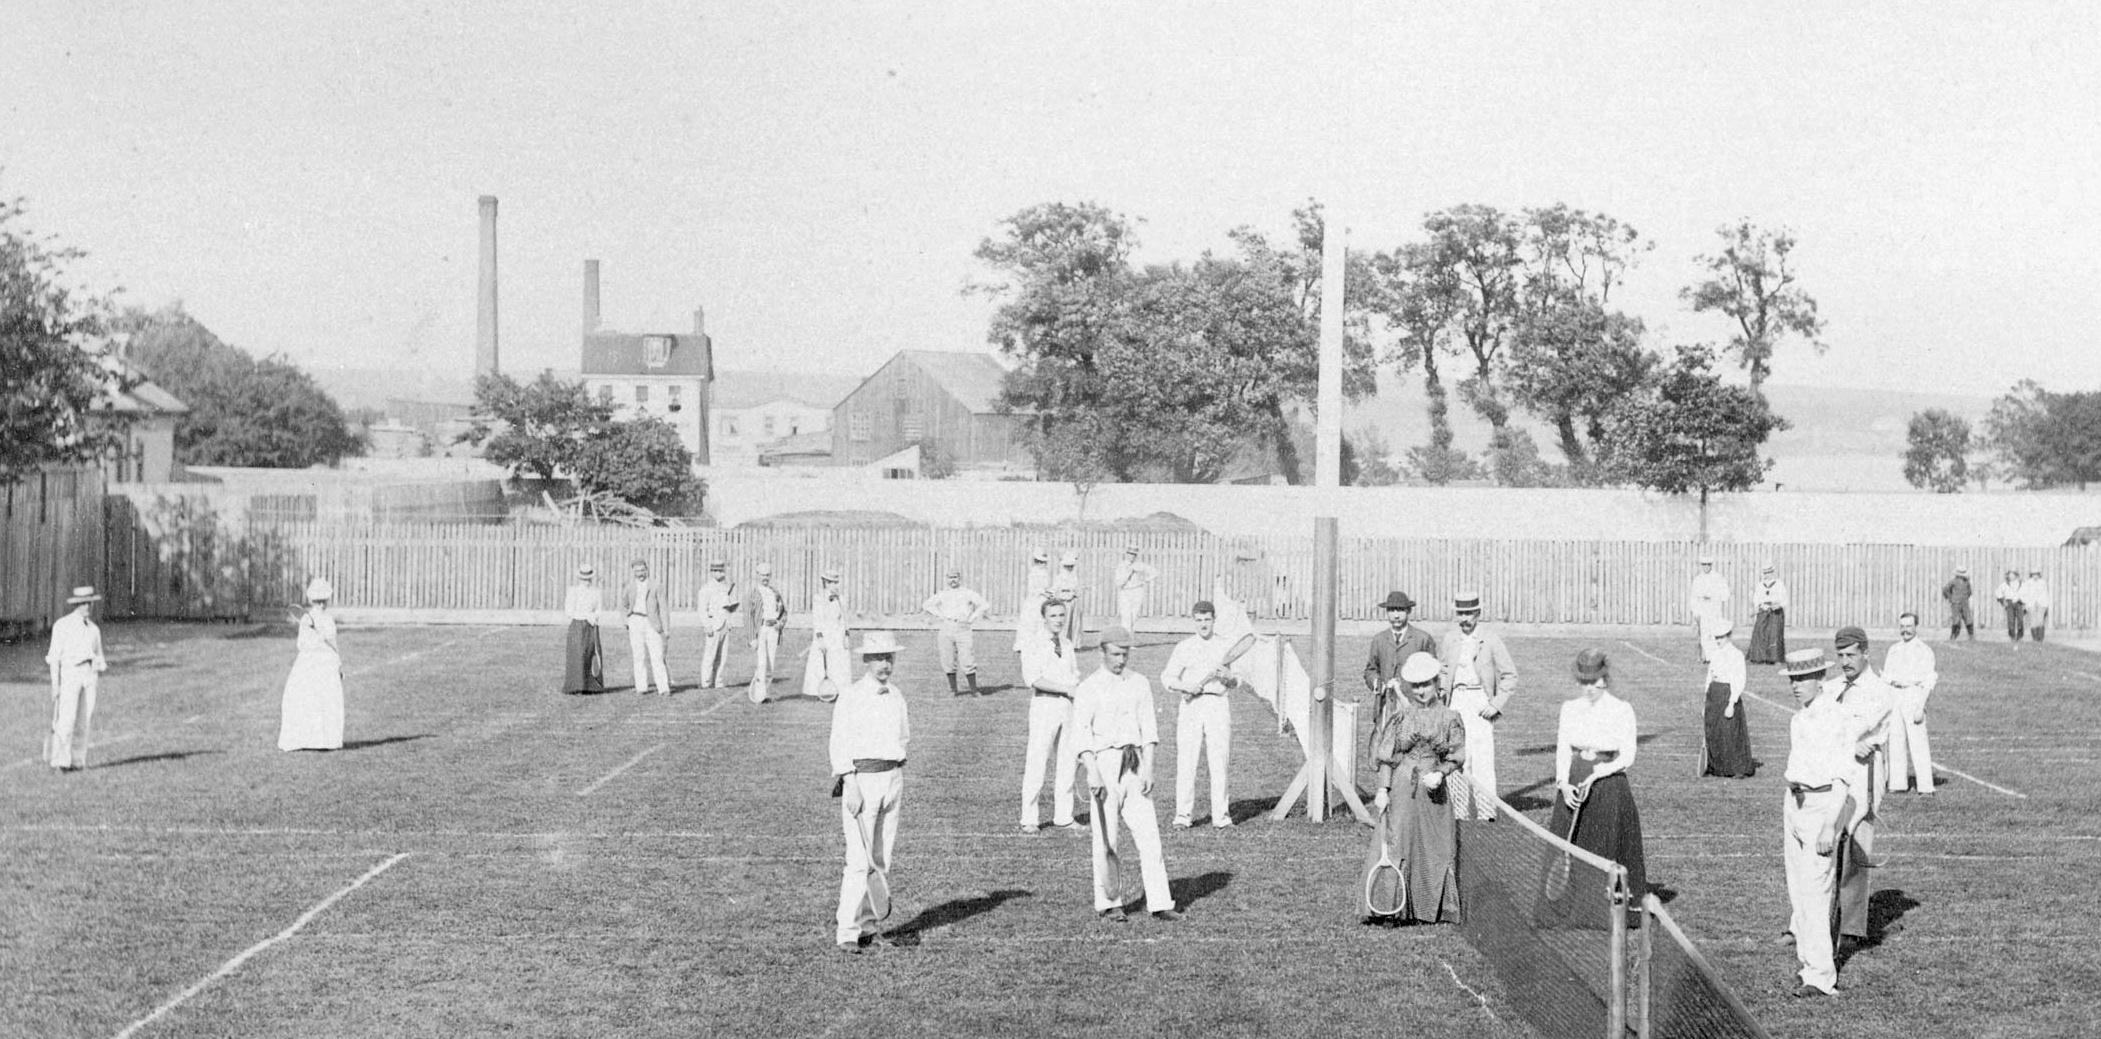 Лаун-теннис в Галифаксе, Канада. 1900-е